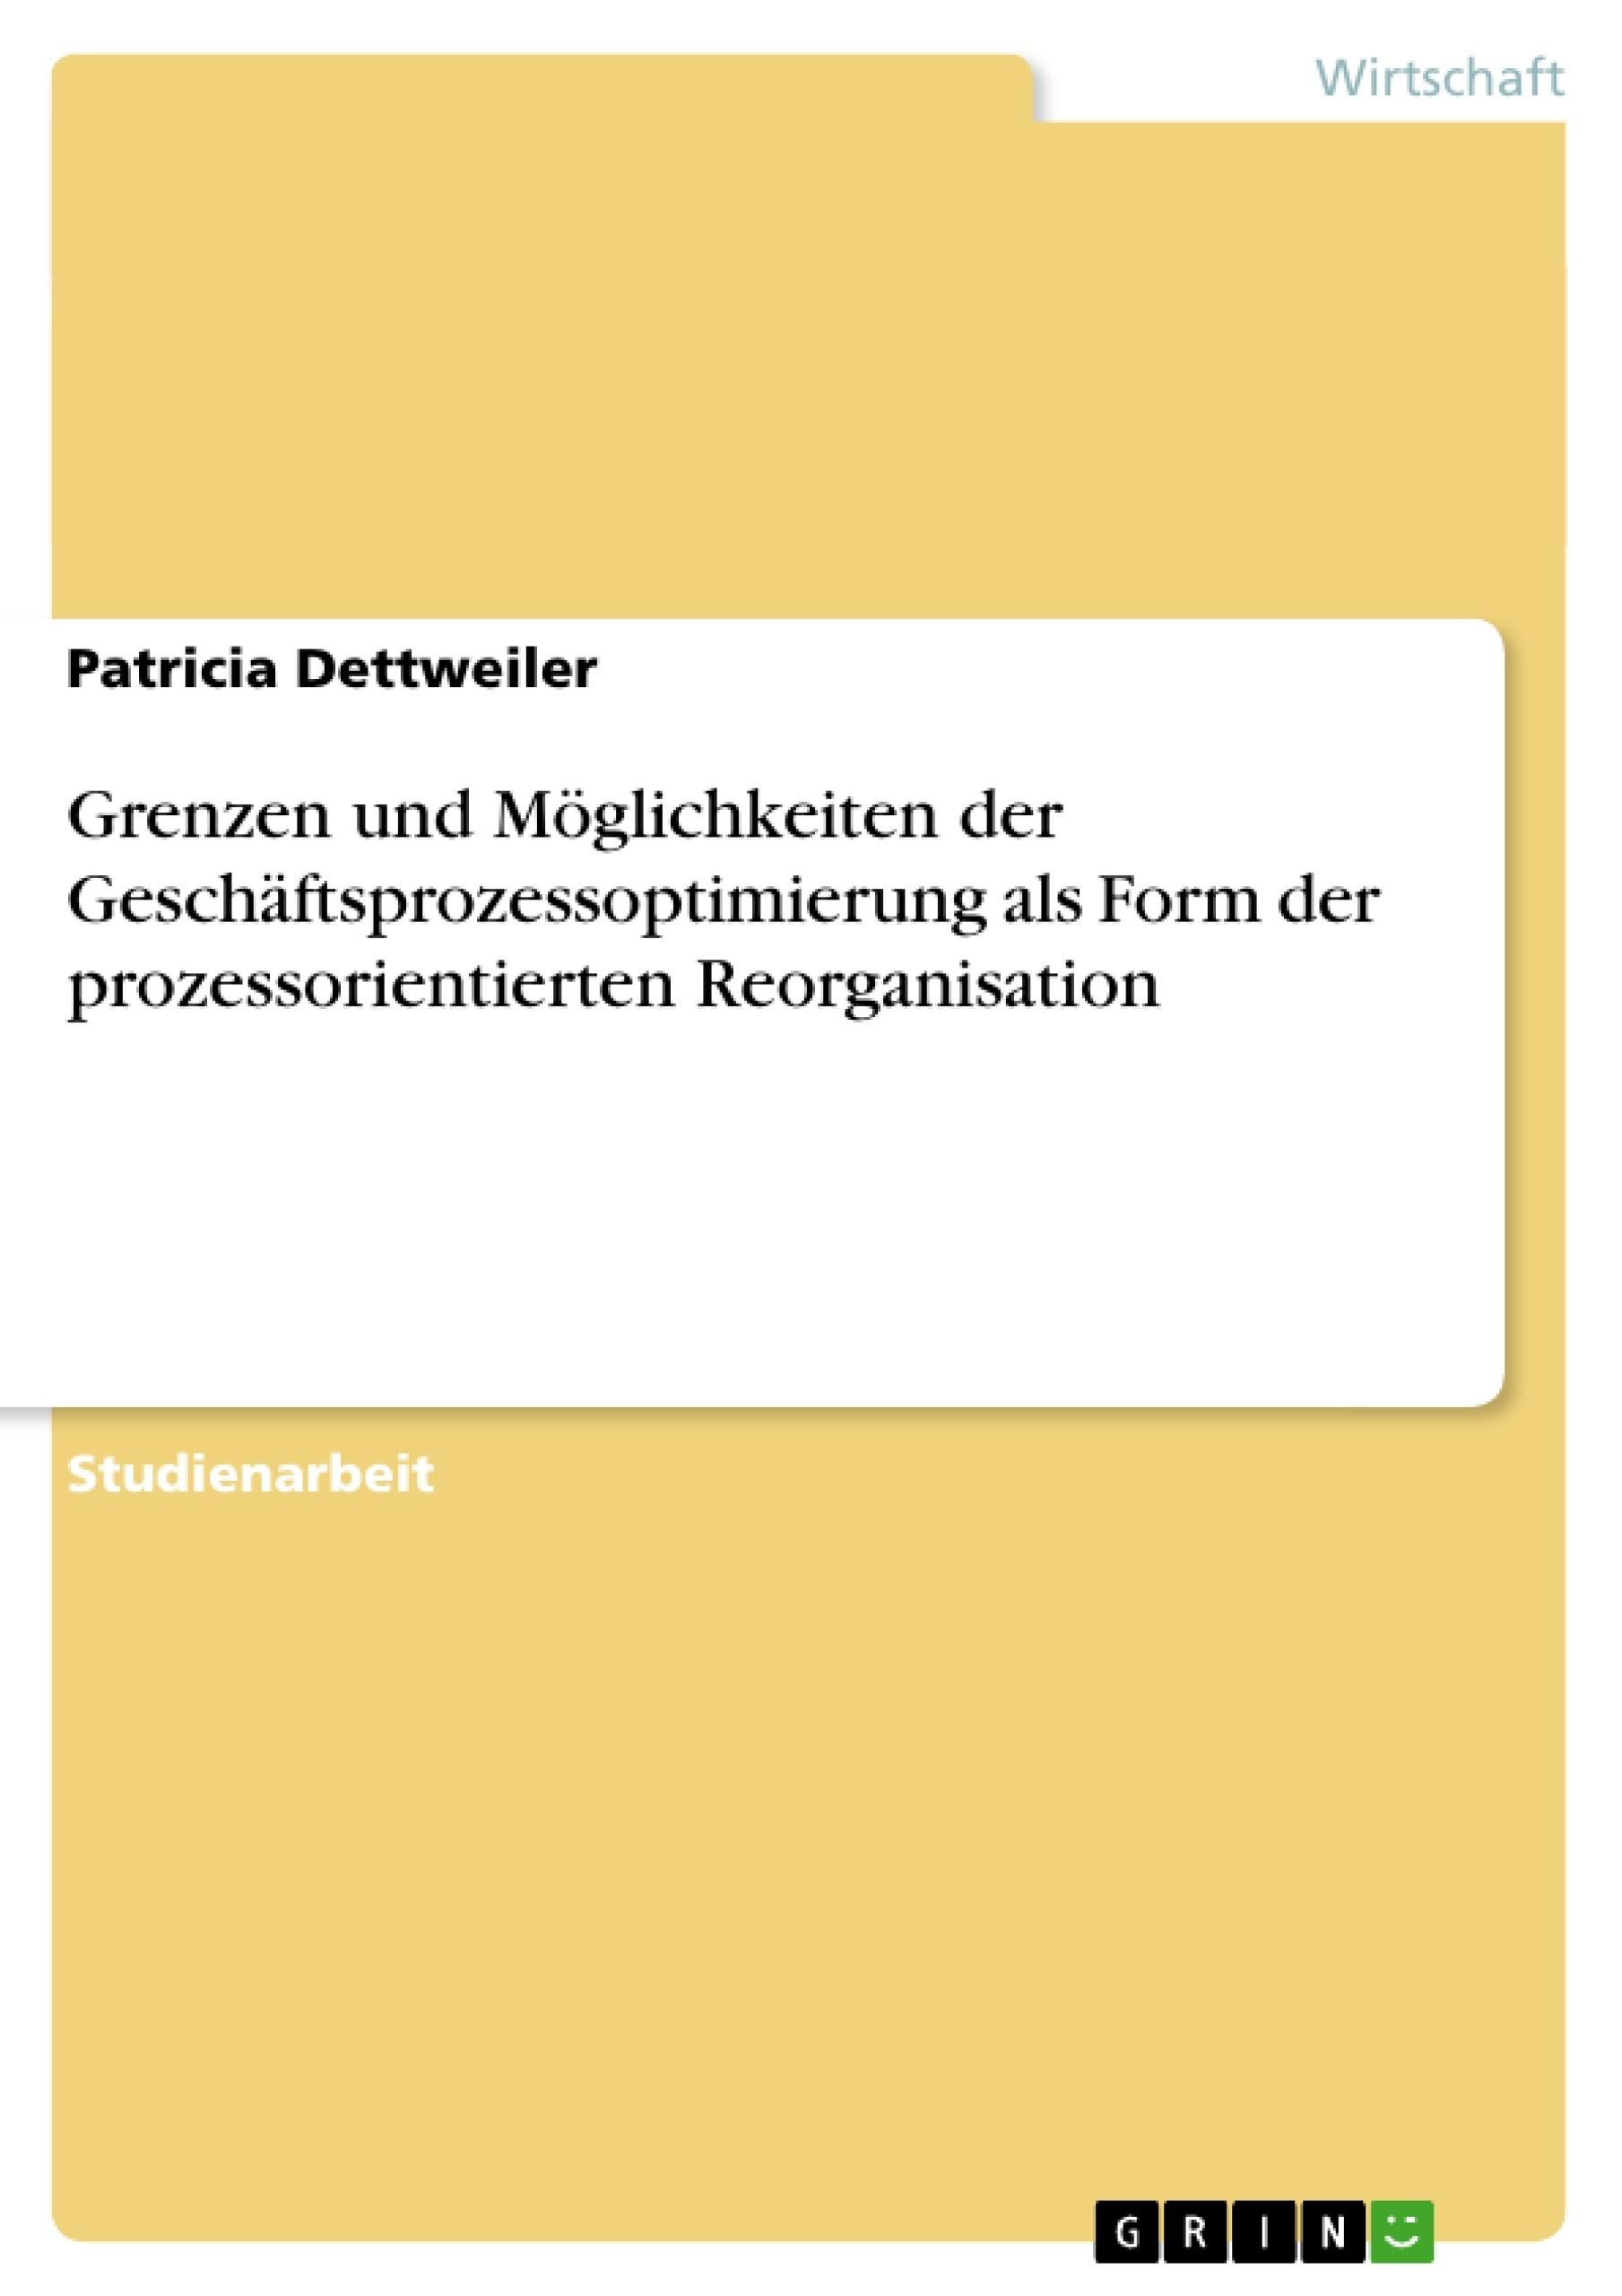 Titel: Grenzen und Möglichkeiten der Geschäftsprozessoptimierung als Form der prozessorientierten Reorganisation